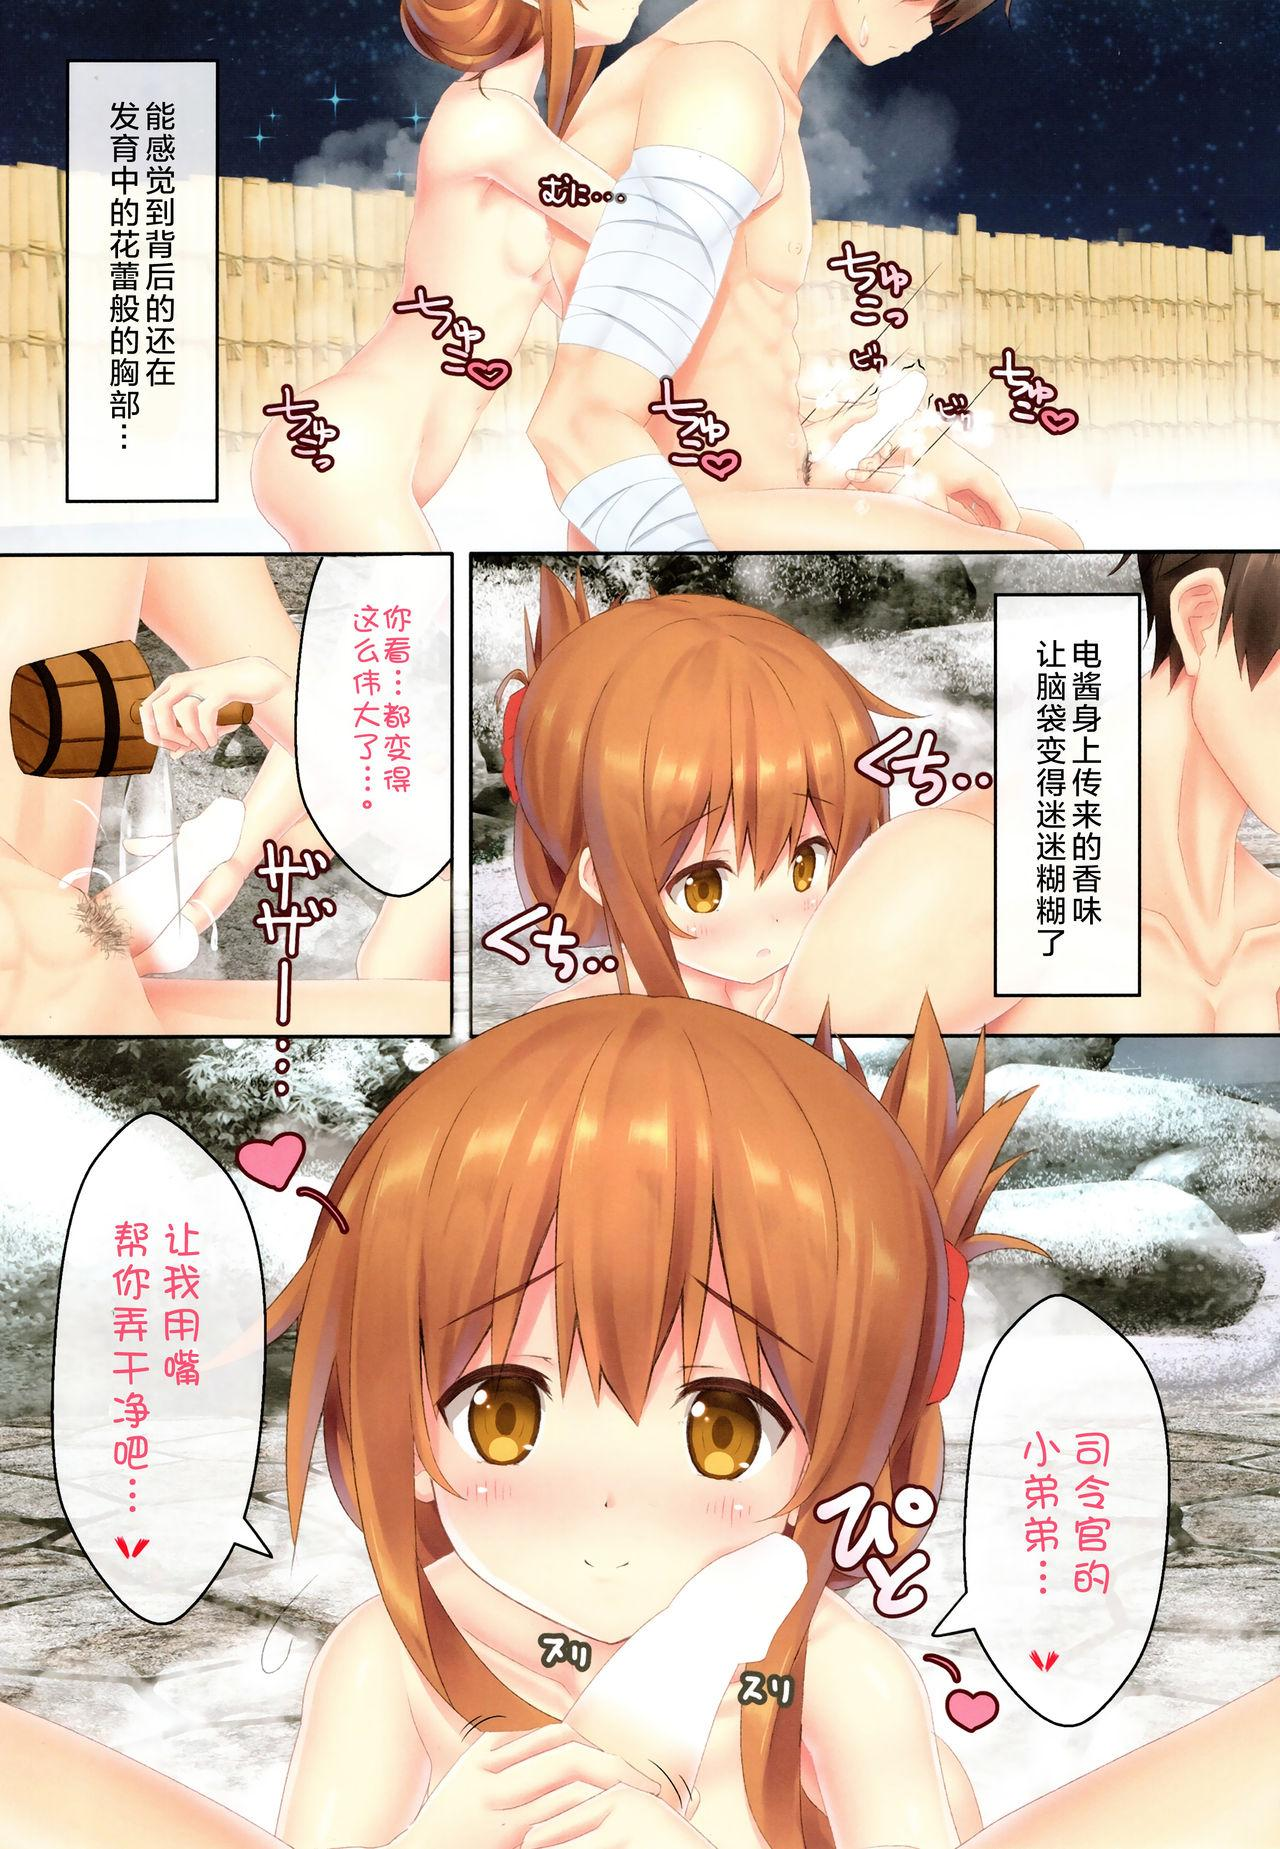 Inazuma to Issho ni Nyuukyo nano desu! 10